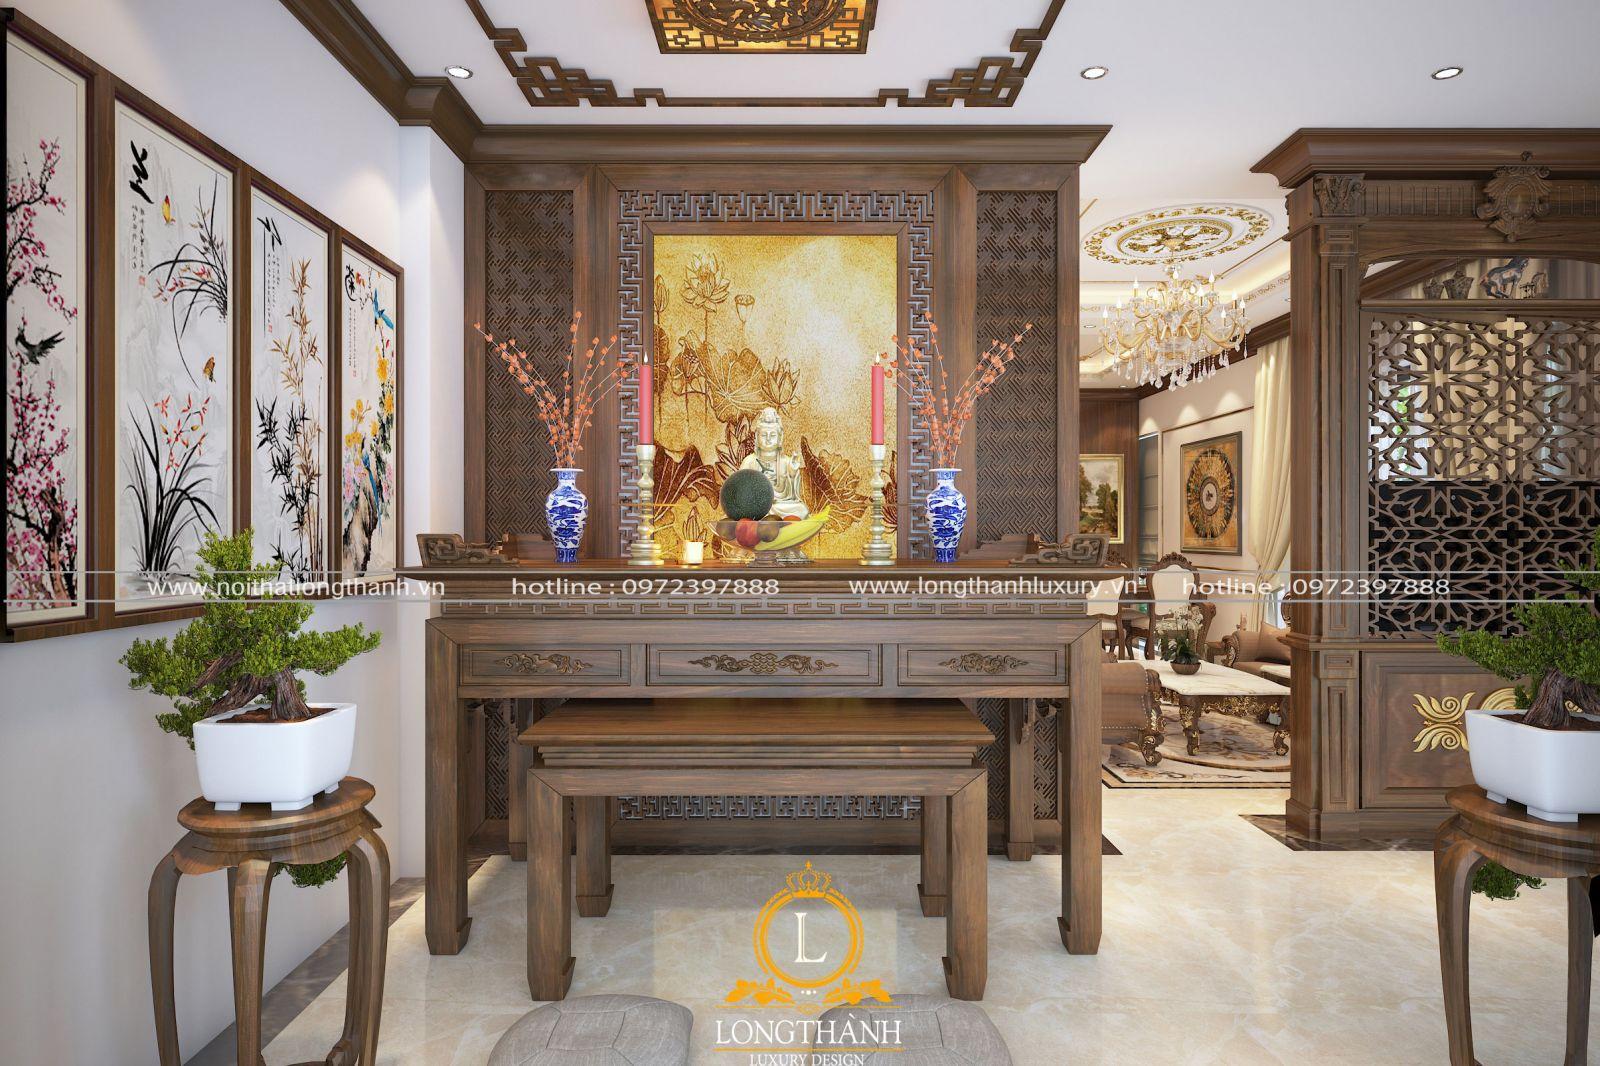 Mẫu bàn thờ phật bằng gỗ gõ đỏ sơn ichem